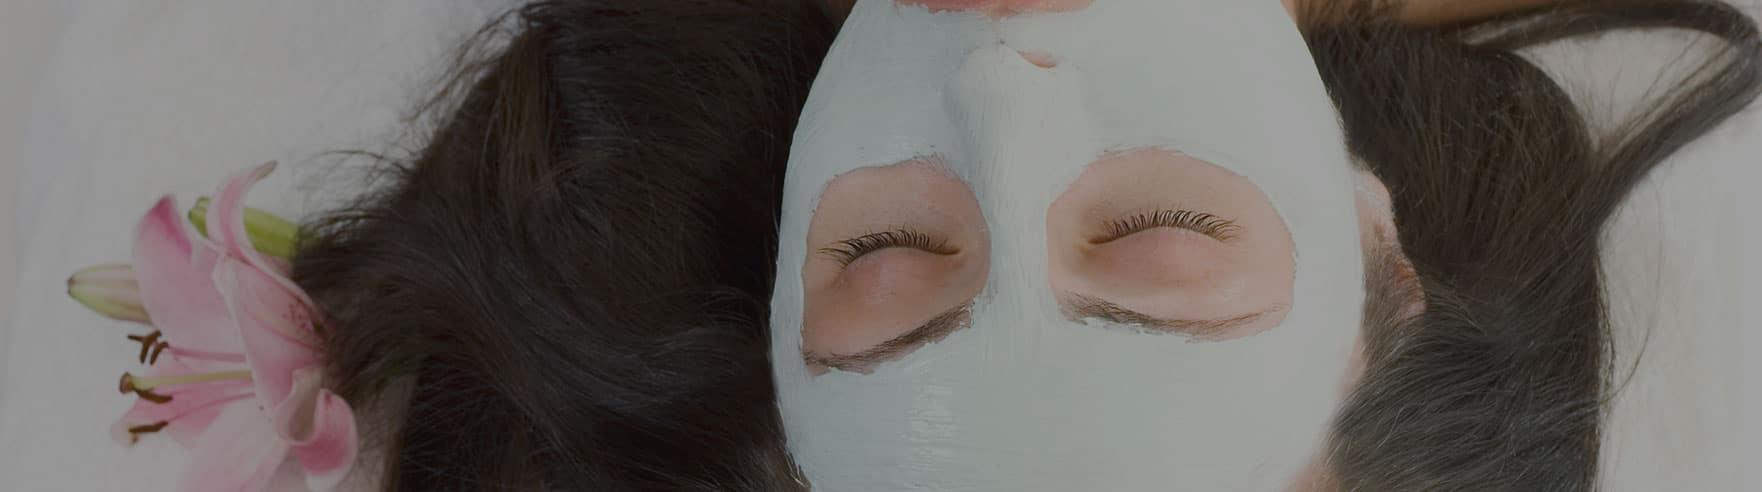 behandling af ansigtsmaske